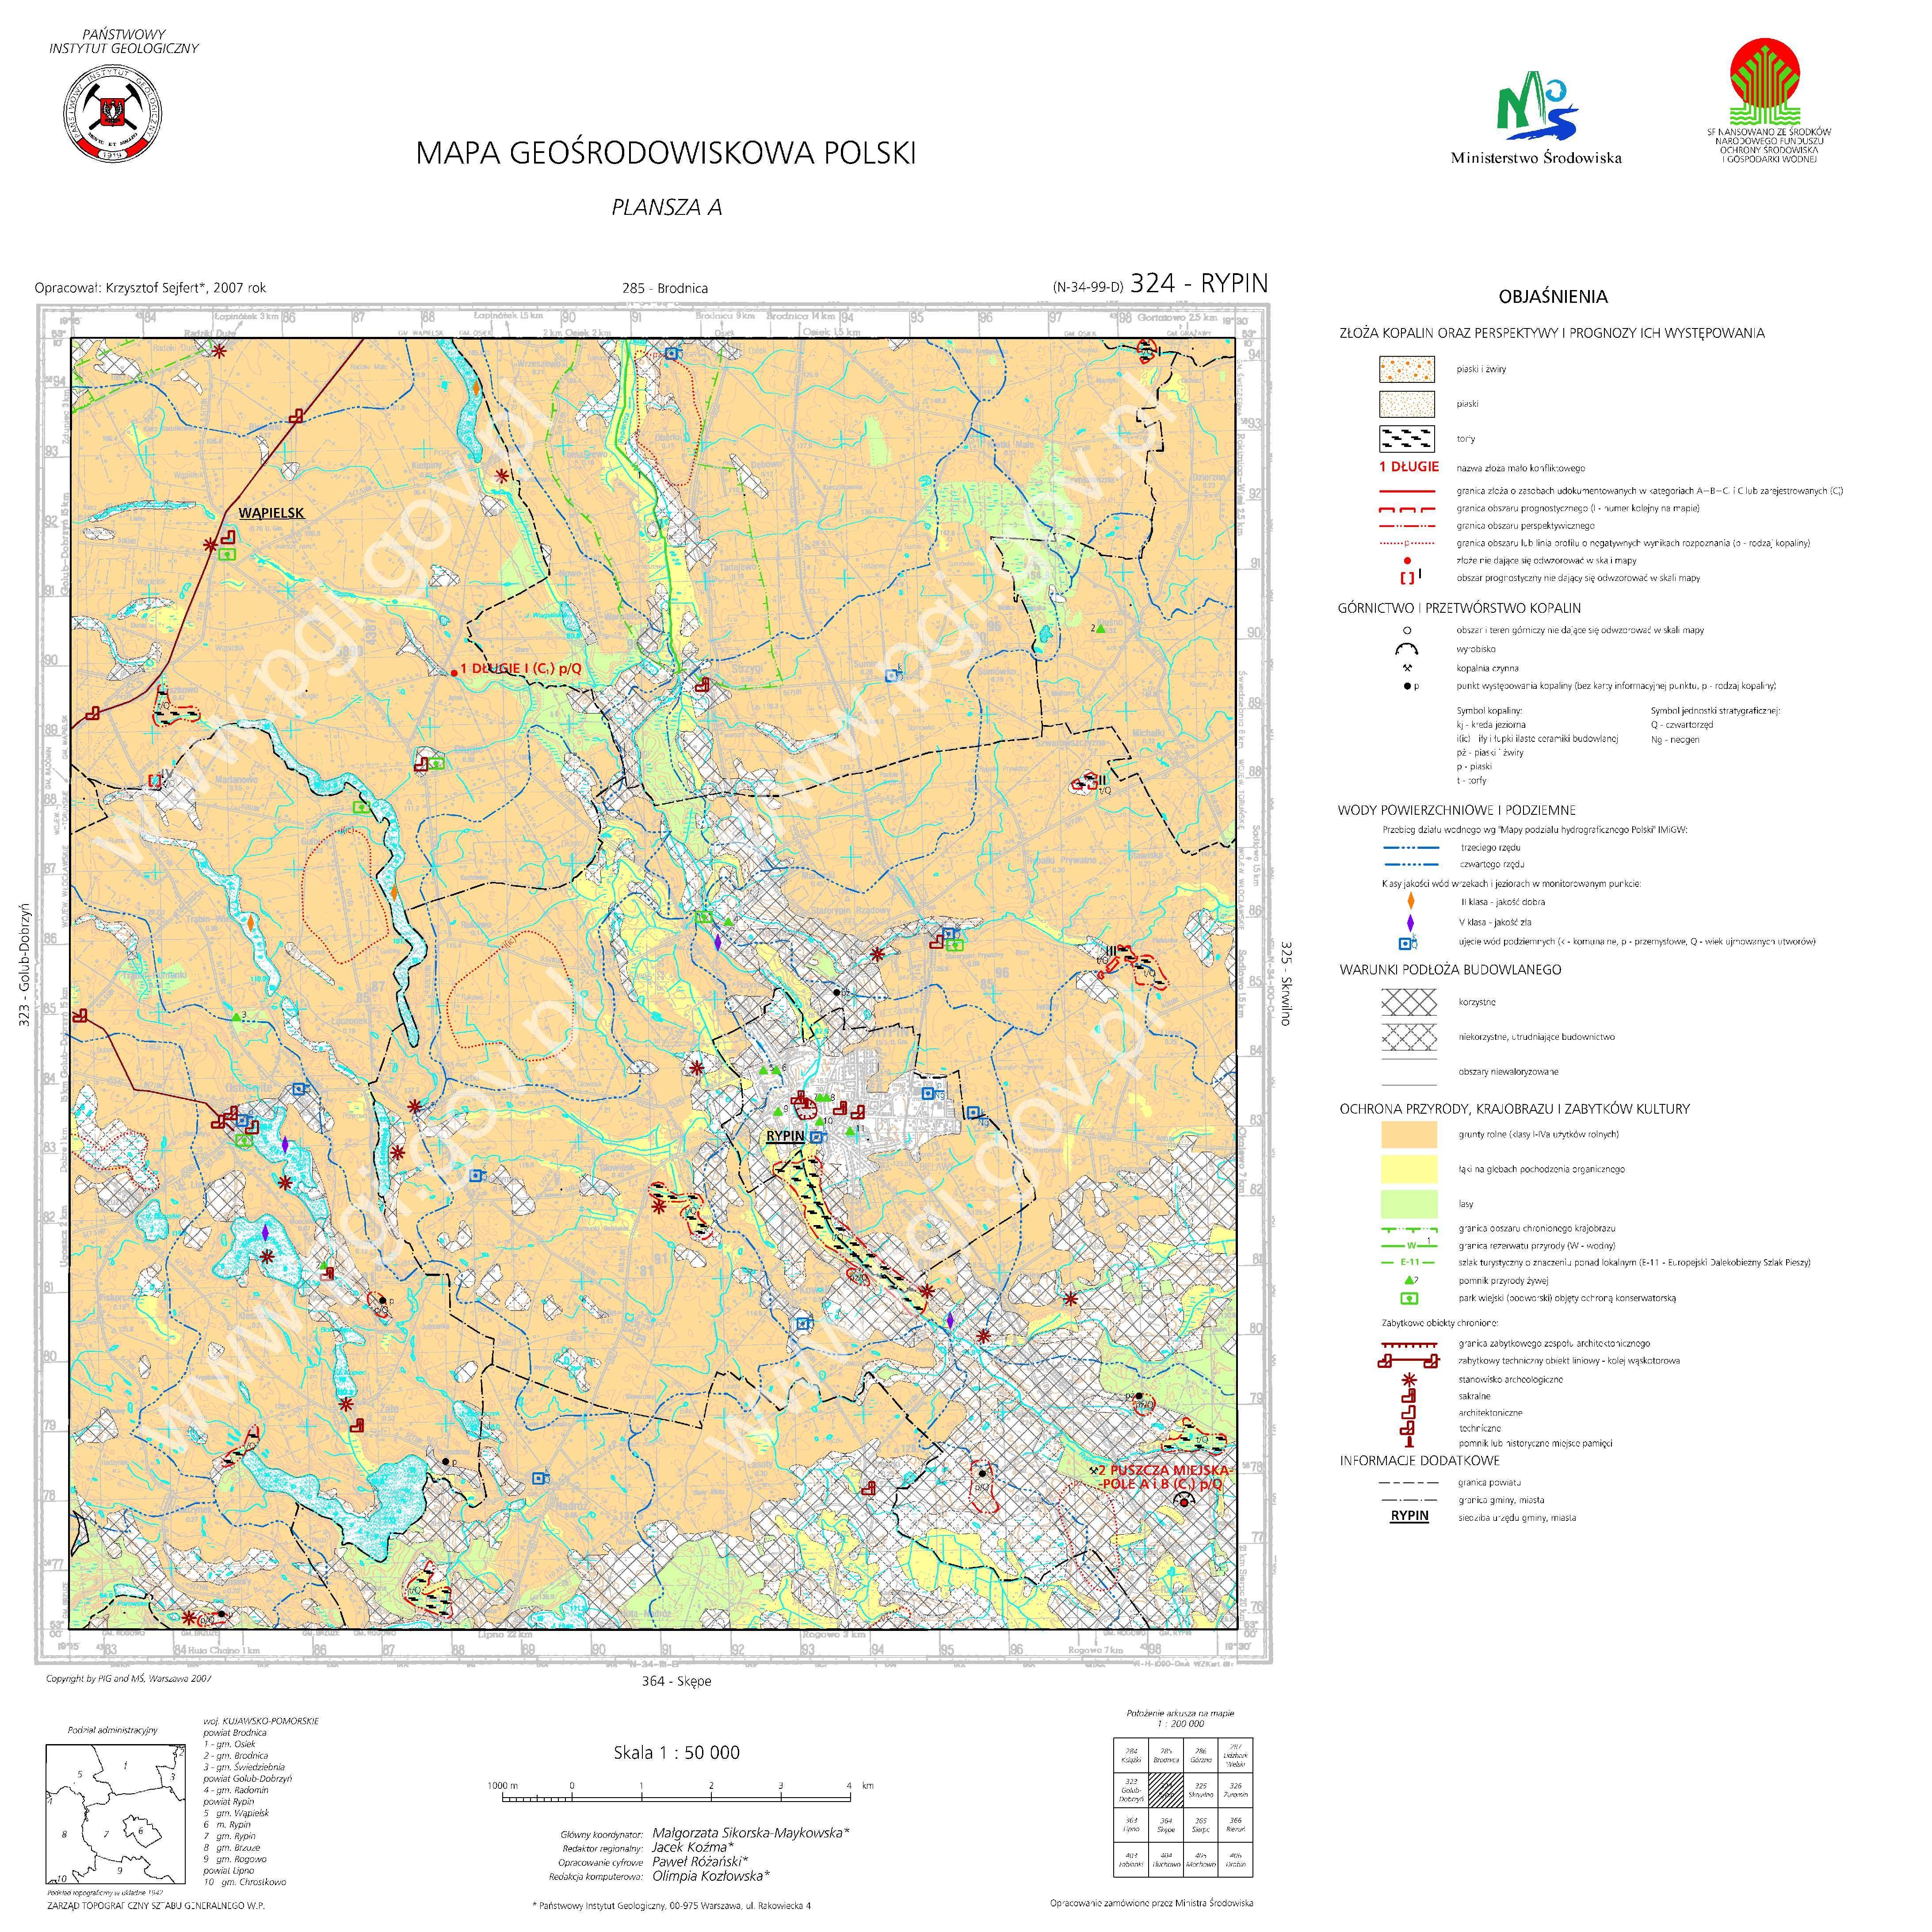 Mapa Geosrodowiskowa Polski 1 50 000 Mgsp Plansza A Arkusz Rypin